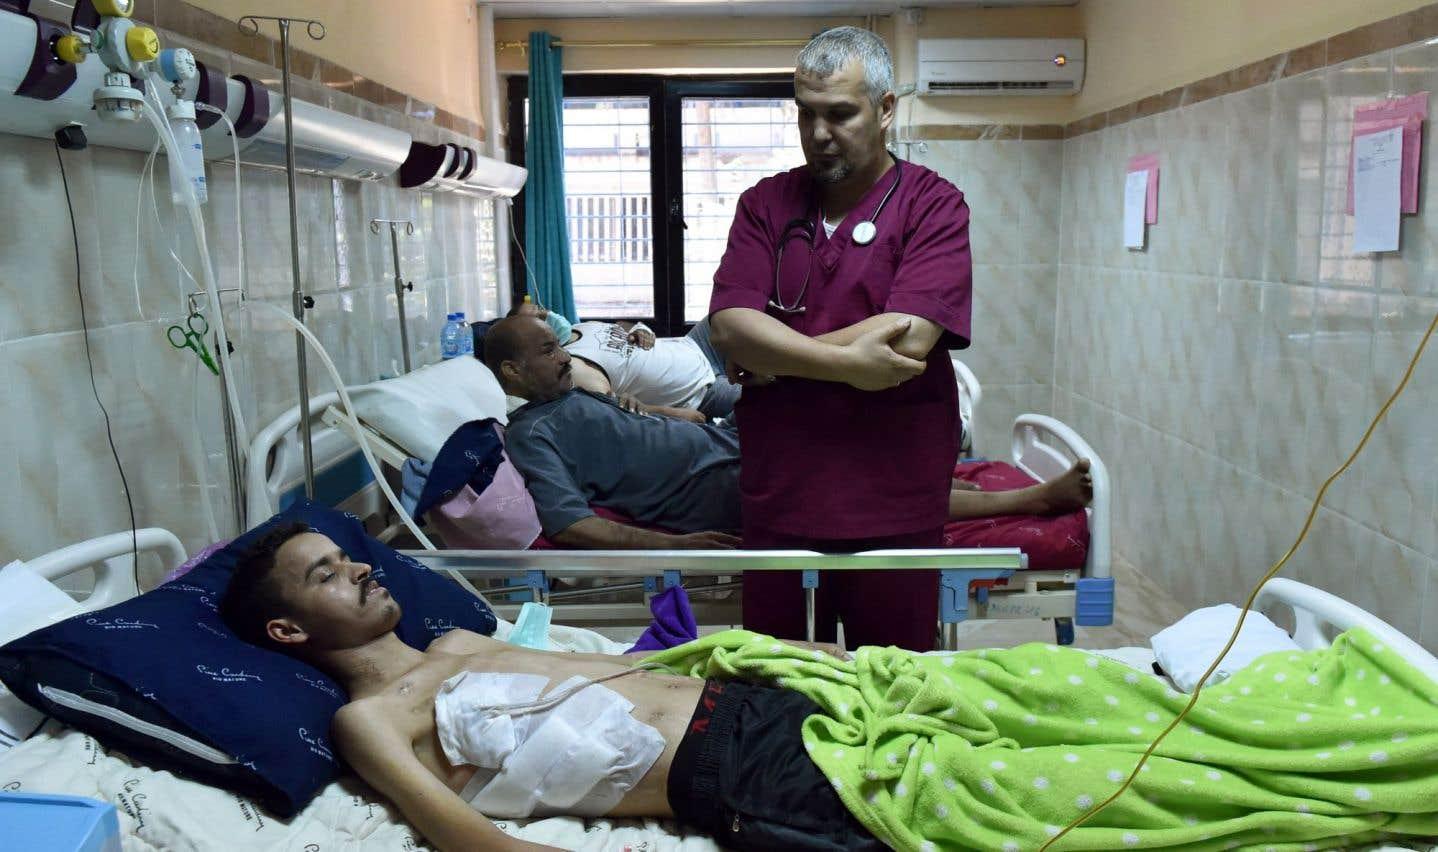 Des tabous freinent le don d'organes dans les pays du Maghreb